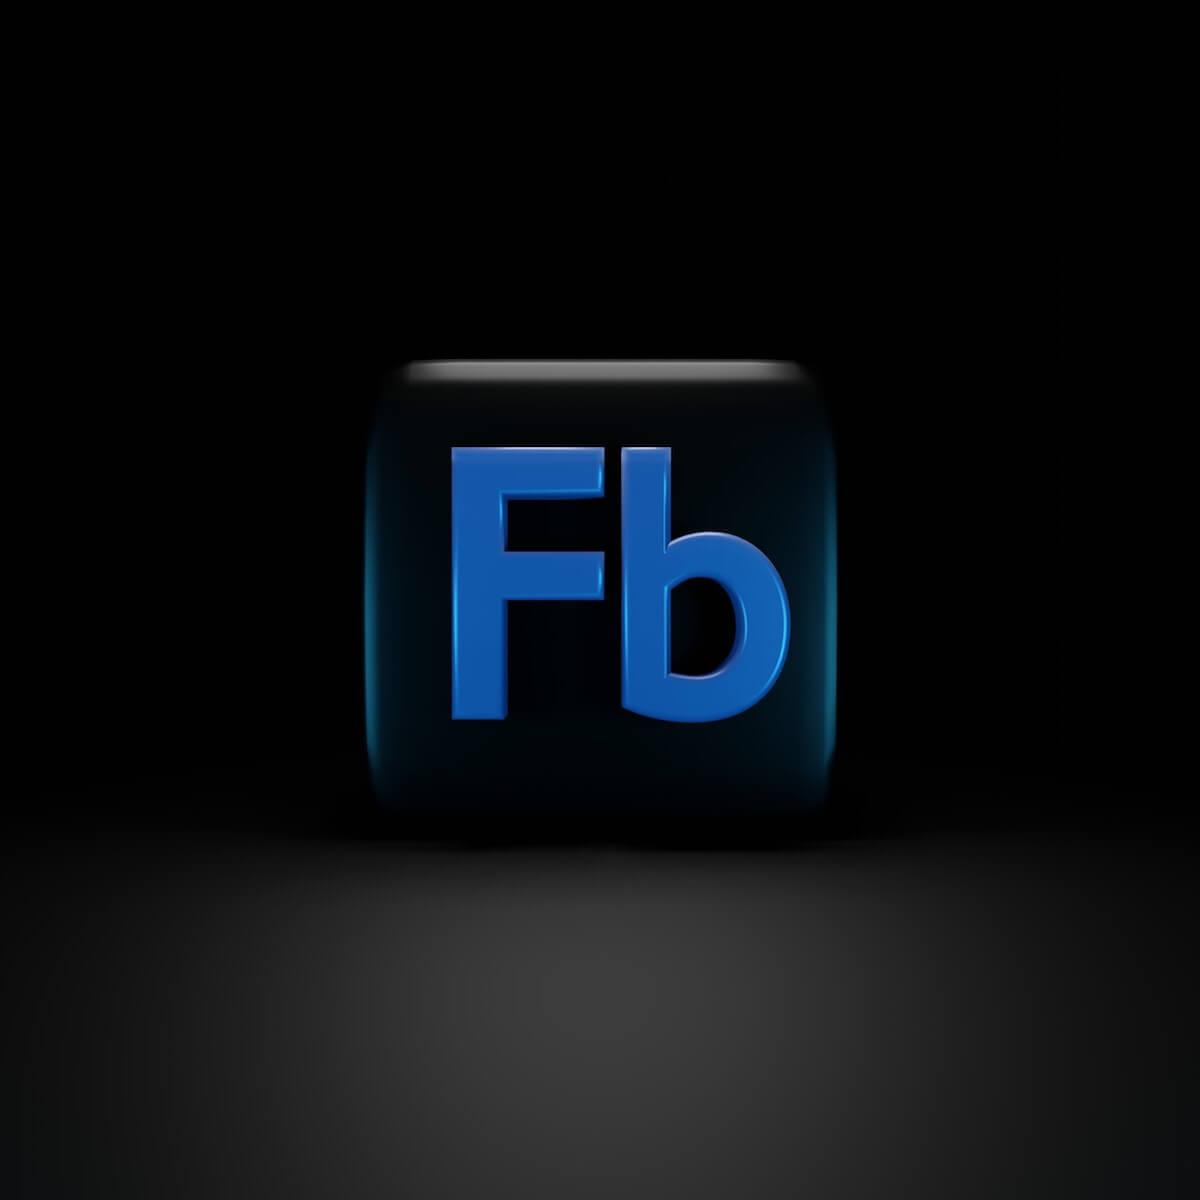 Facebook logo on dark background.